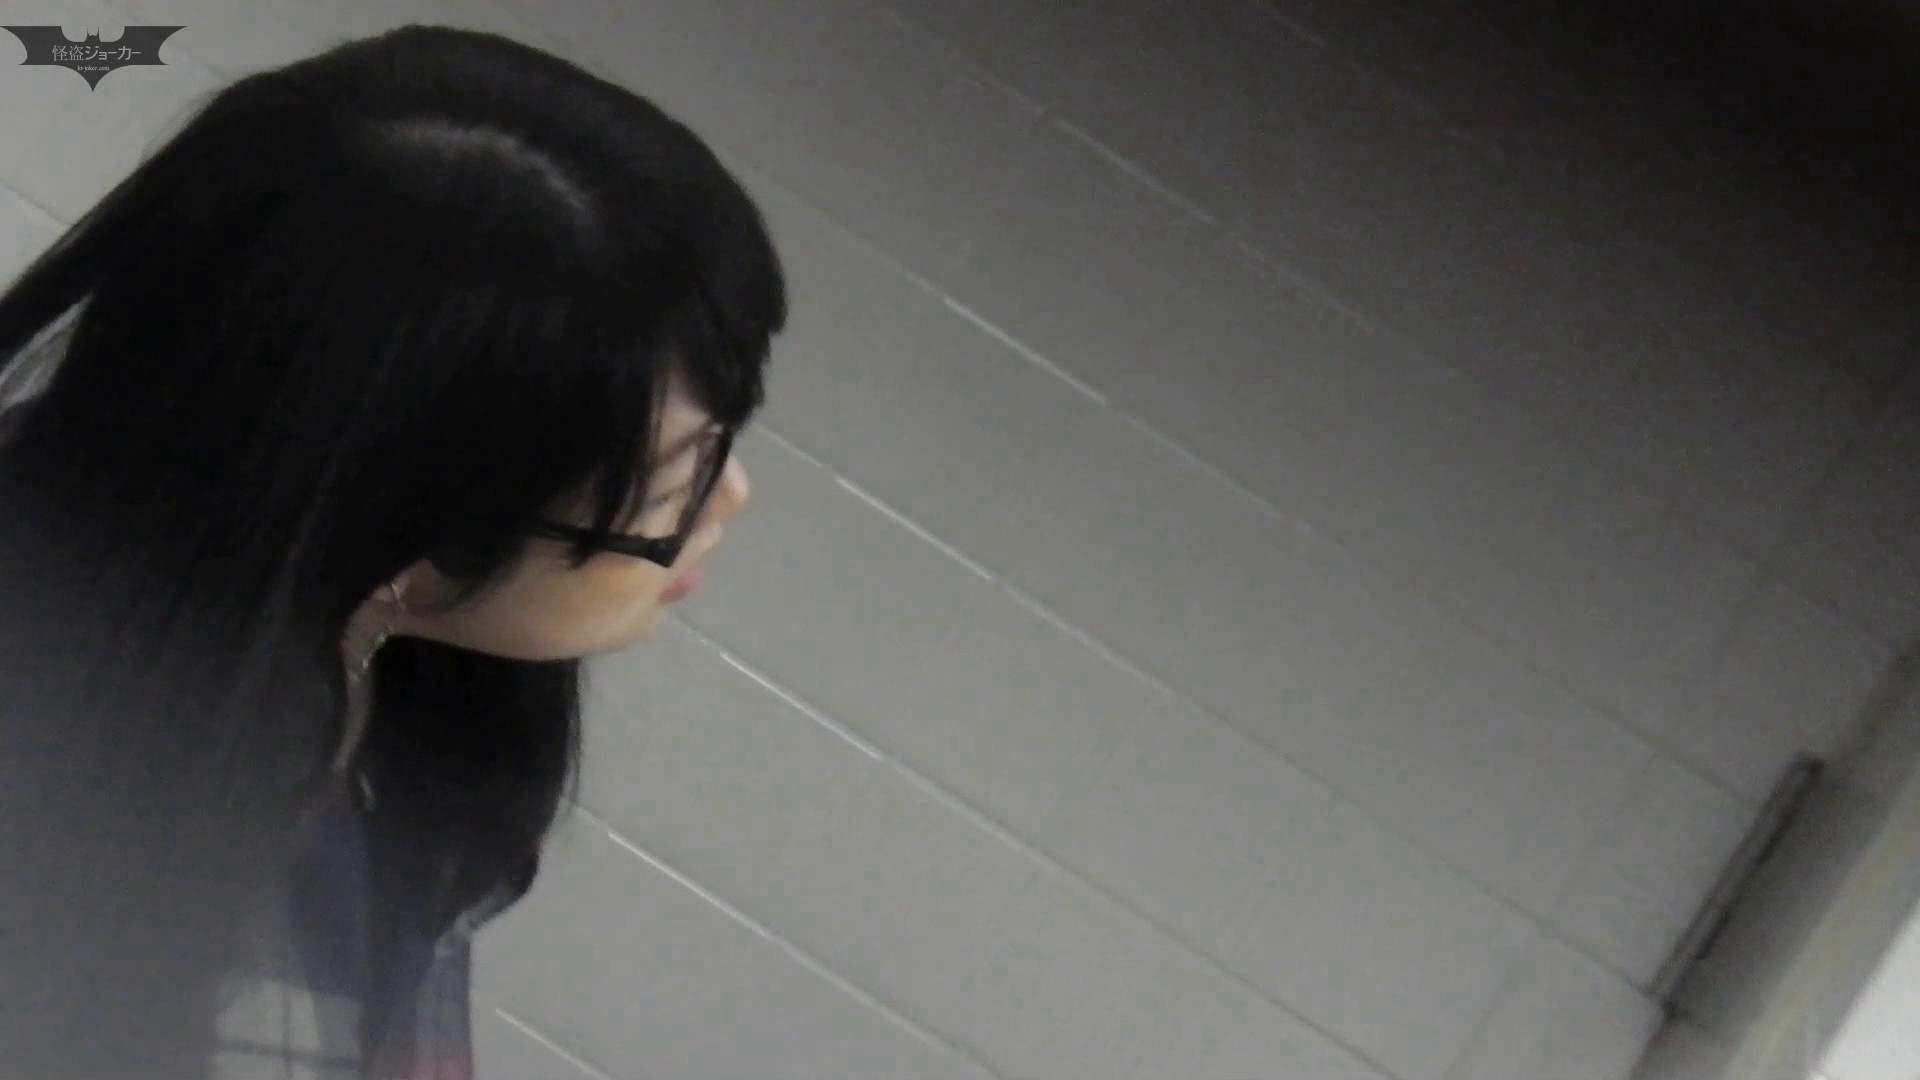 お銀さん vol.59 ピンチ!!「鏡の前で祈る女性」にばれる危機 お姉さん攻略 | 美人編  56画像 36